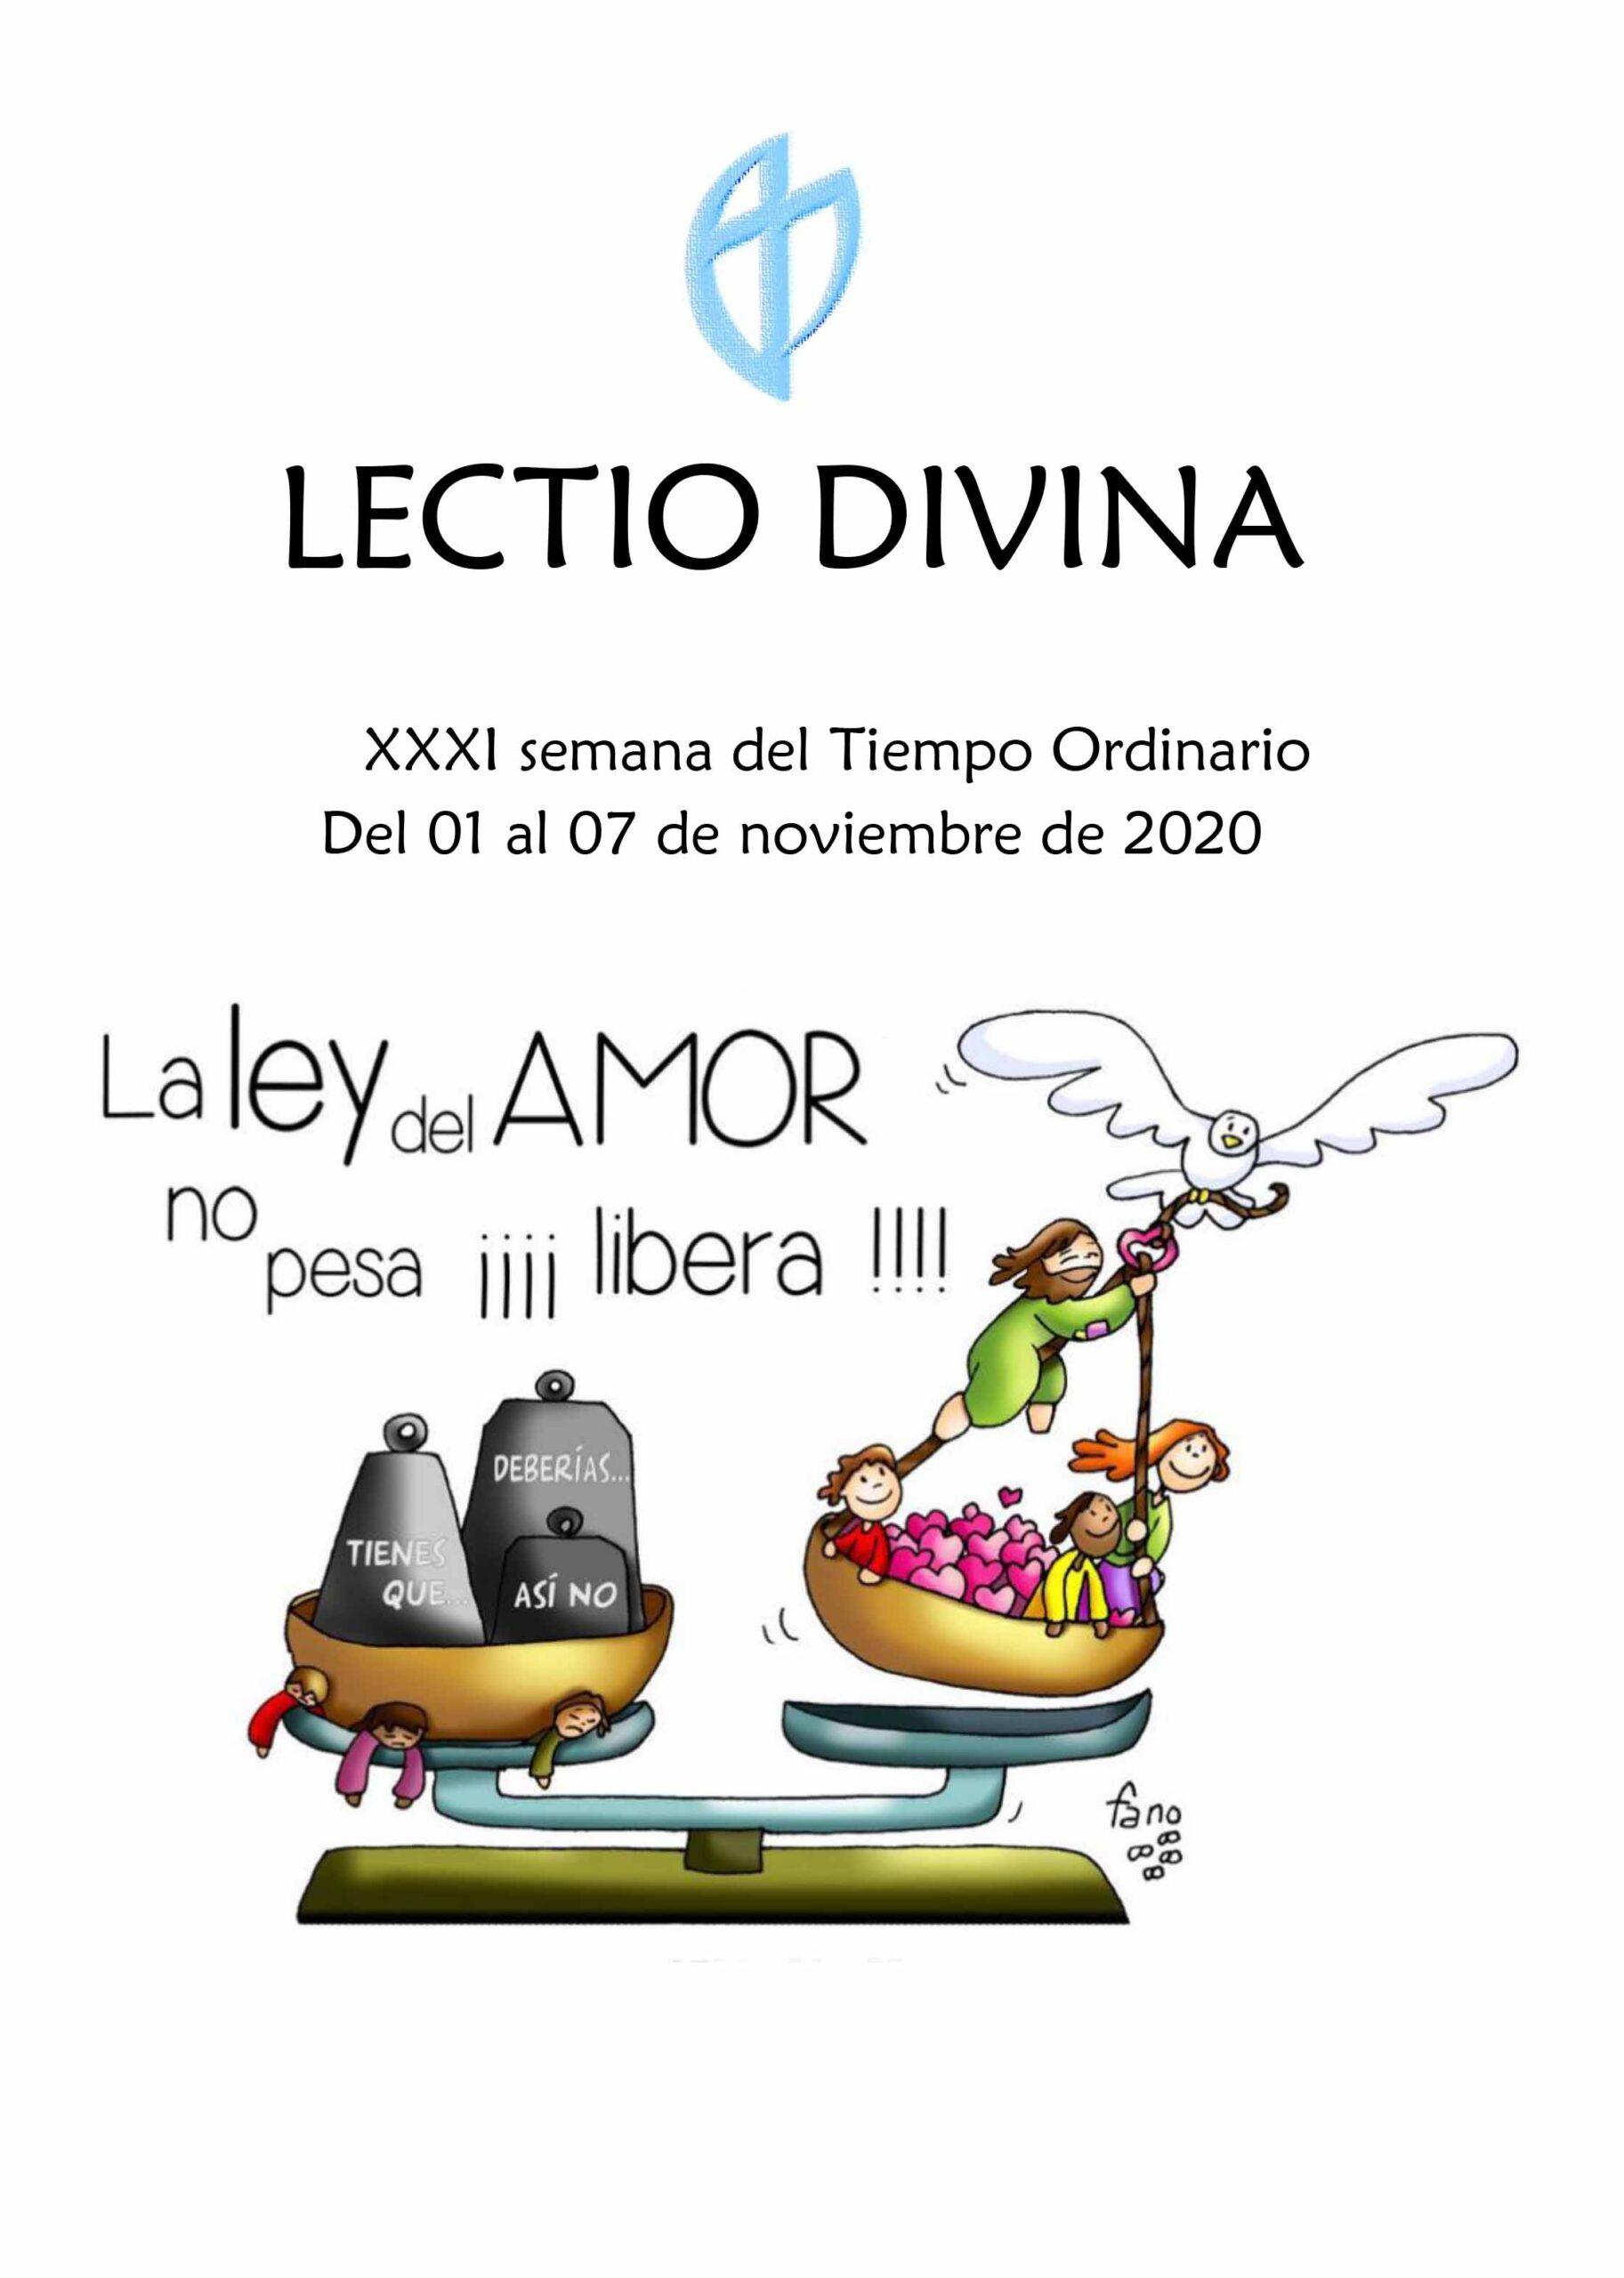 XXXI Semana del Tiempo Ordinario (del 01 al 07 de Noviembre del 2020)